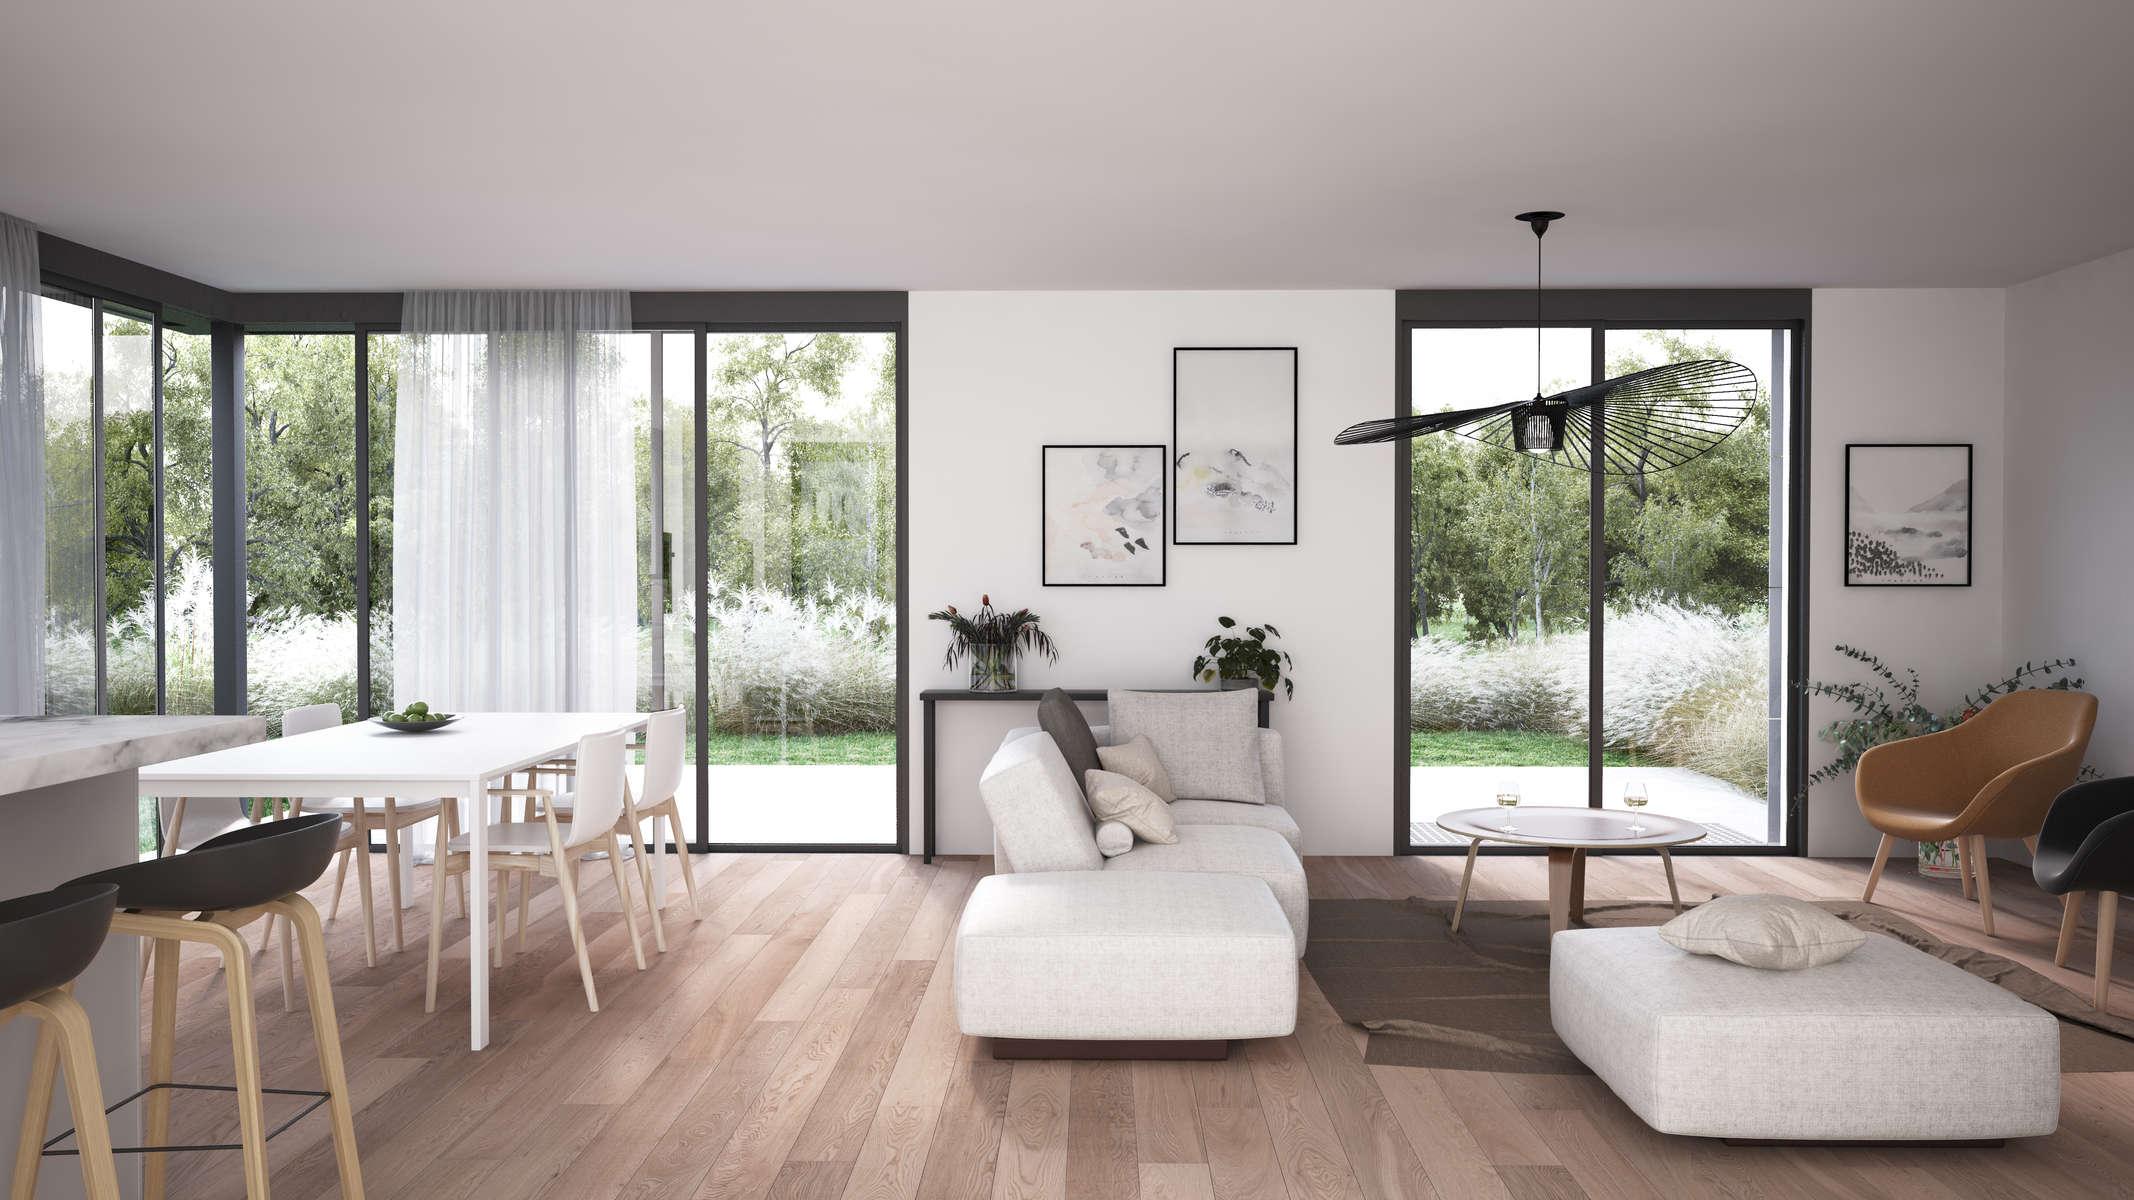 (ris+partenaires 2018 en cours)Projet: Construction de 2 villas mitoyennesVeyrier - Suisse Surface: 391 m2 Chef de projet:Antoine Ris Mandat: Projet